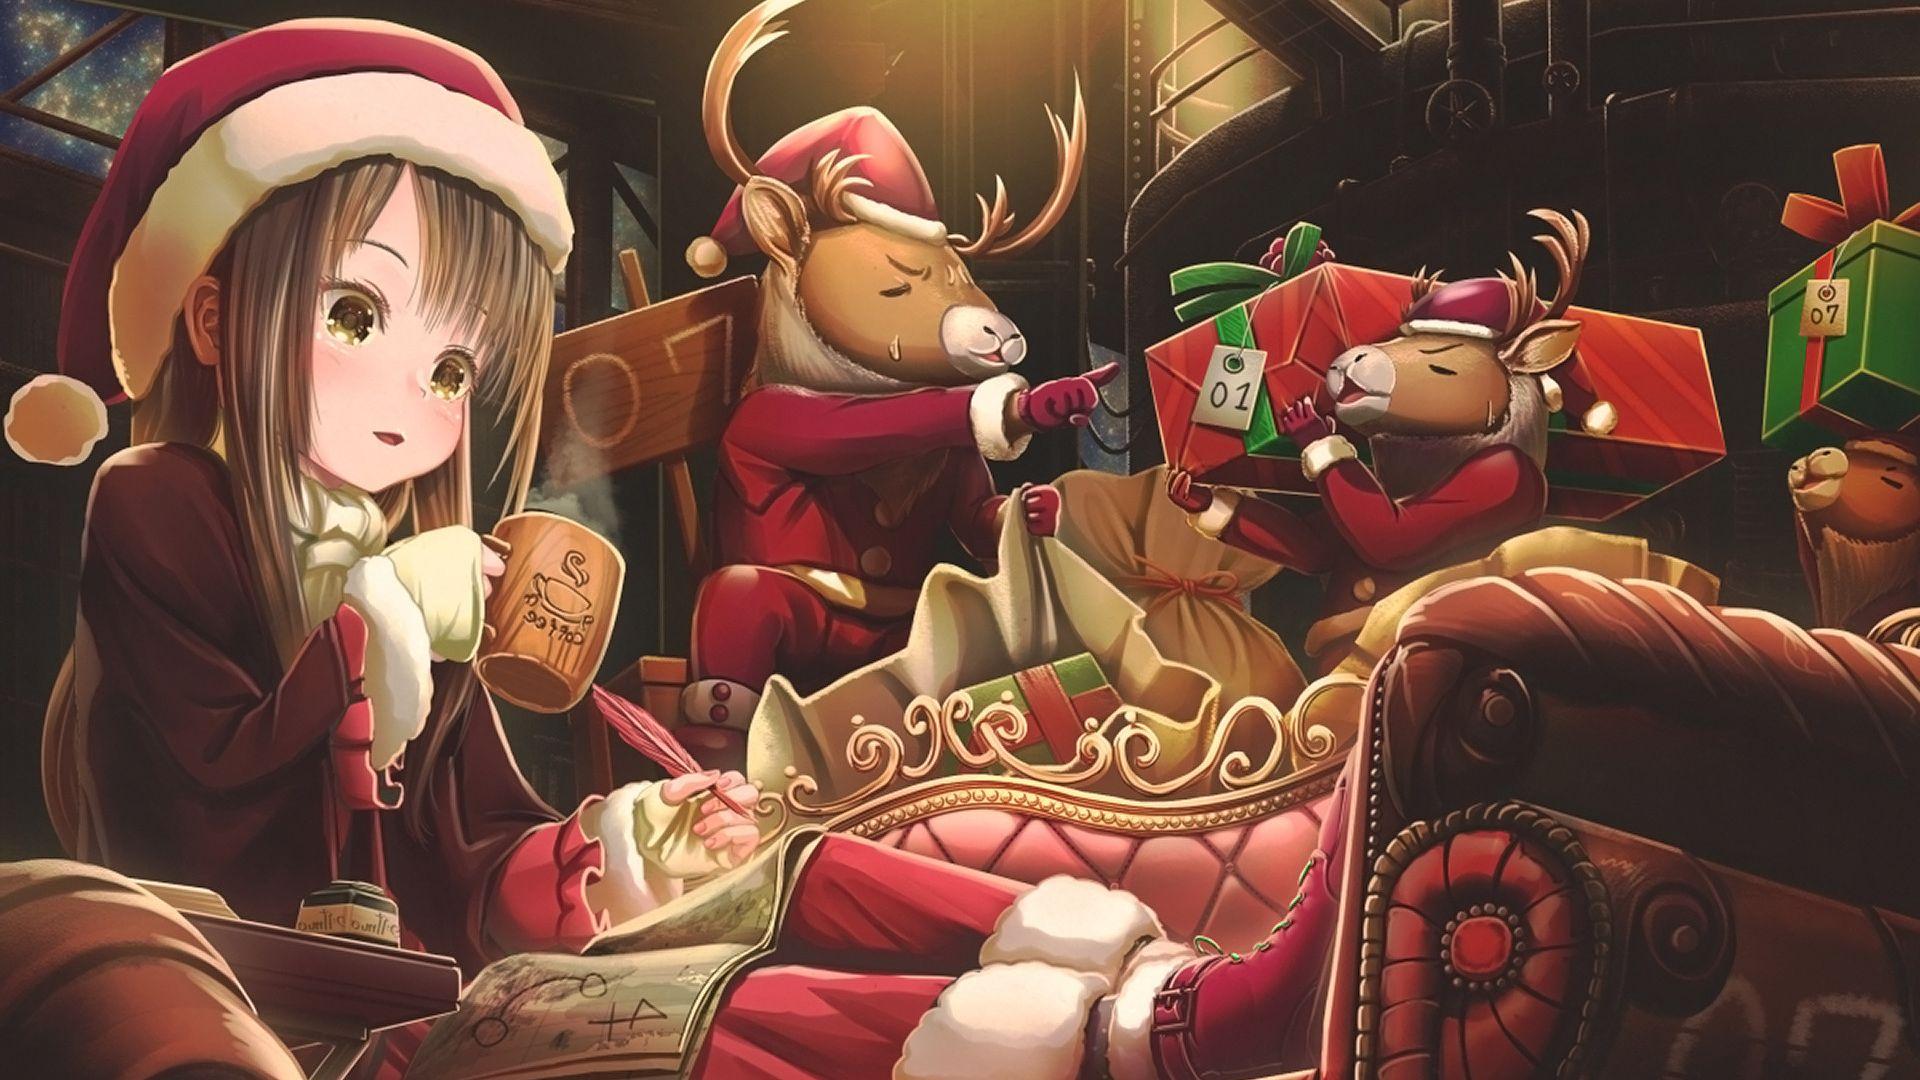 Wallpaper Christmas, anime, anime girl